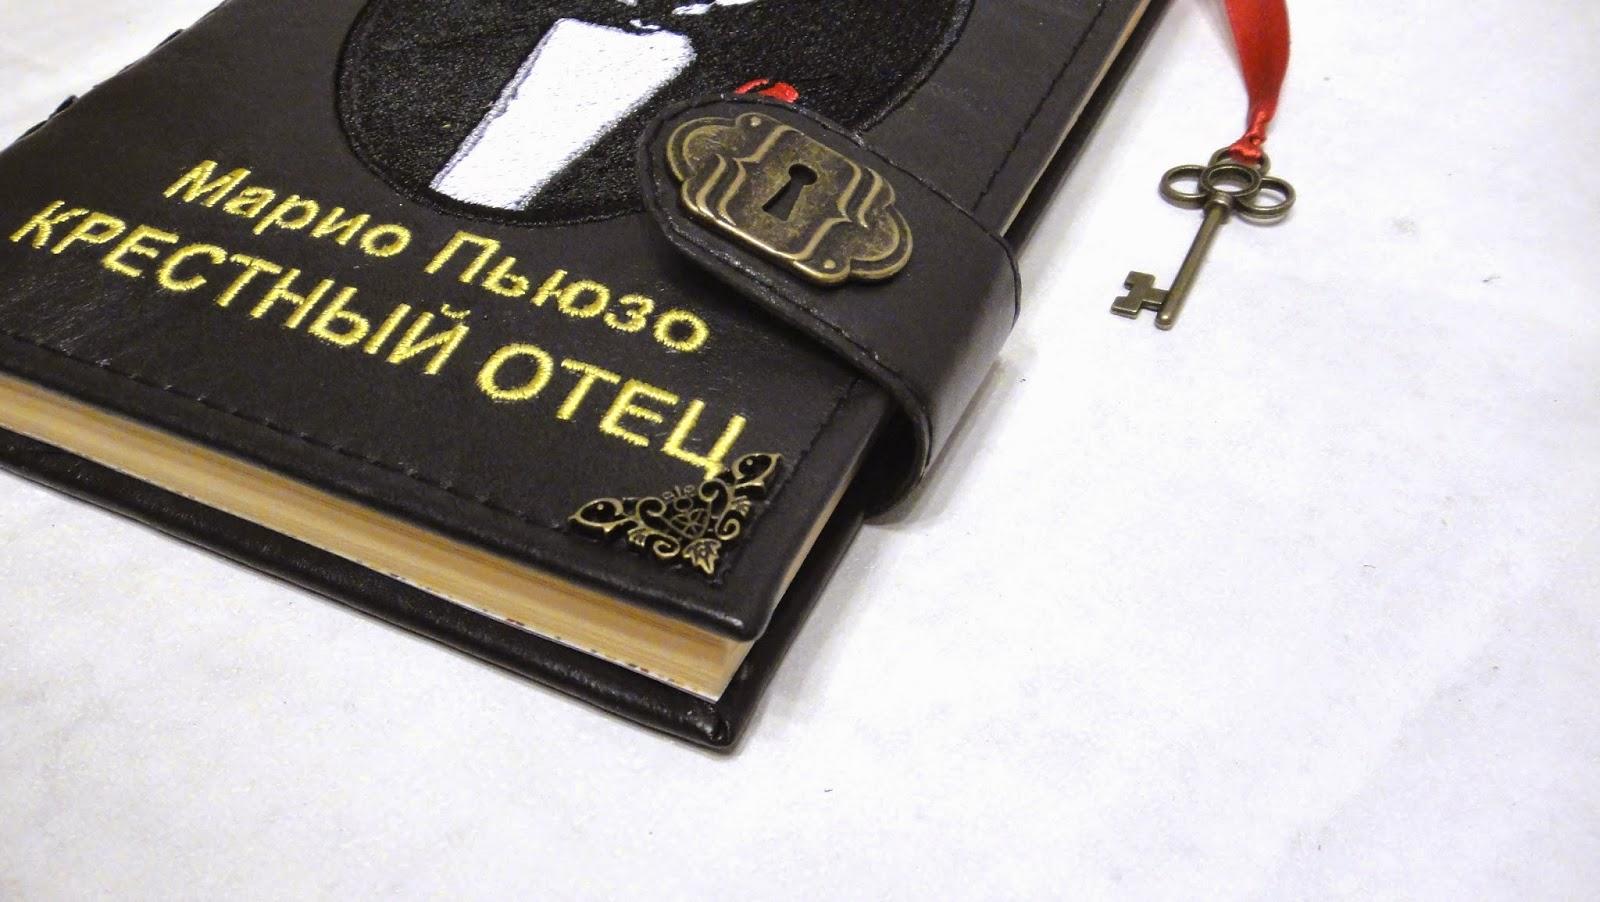 Книга Марио Пьюзо - коллекционное издание, в кожаном переплете с замочком